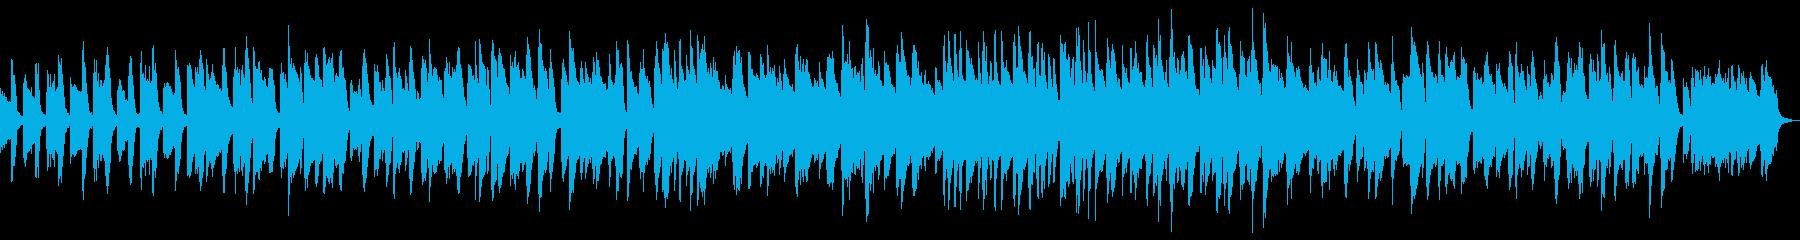 アップテンポの陽気なピアノラグタイムの再生済みの波形